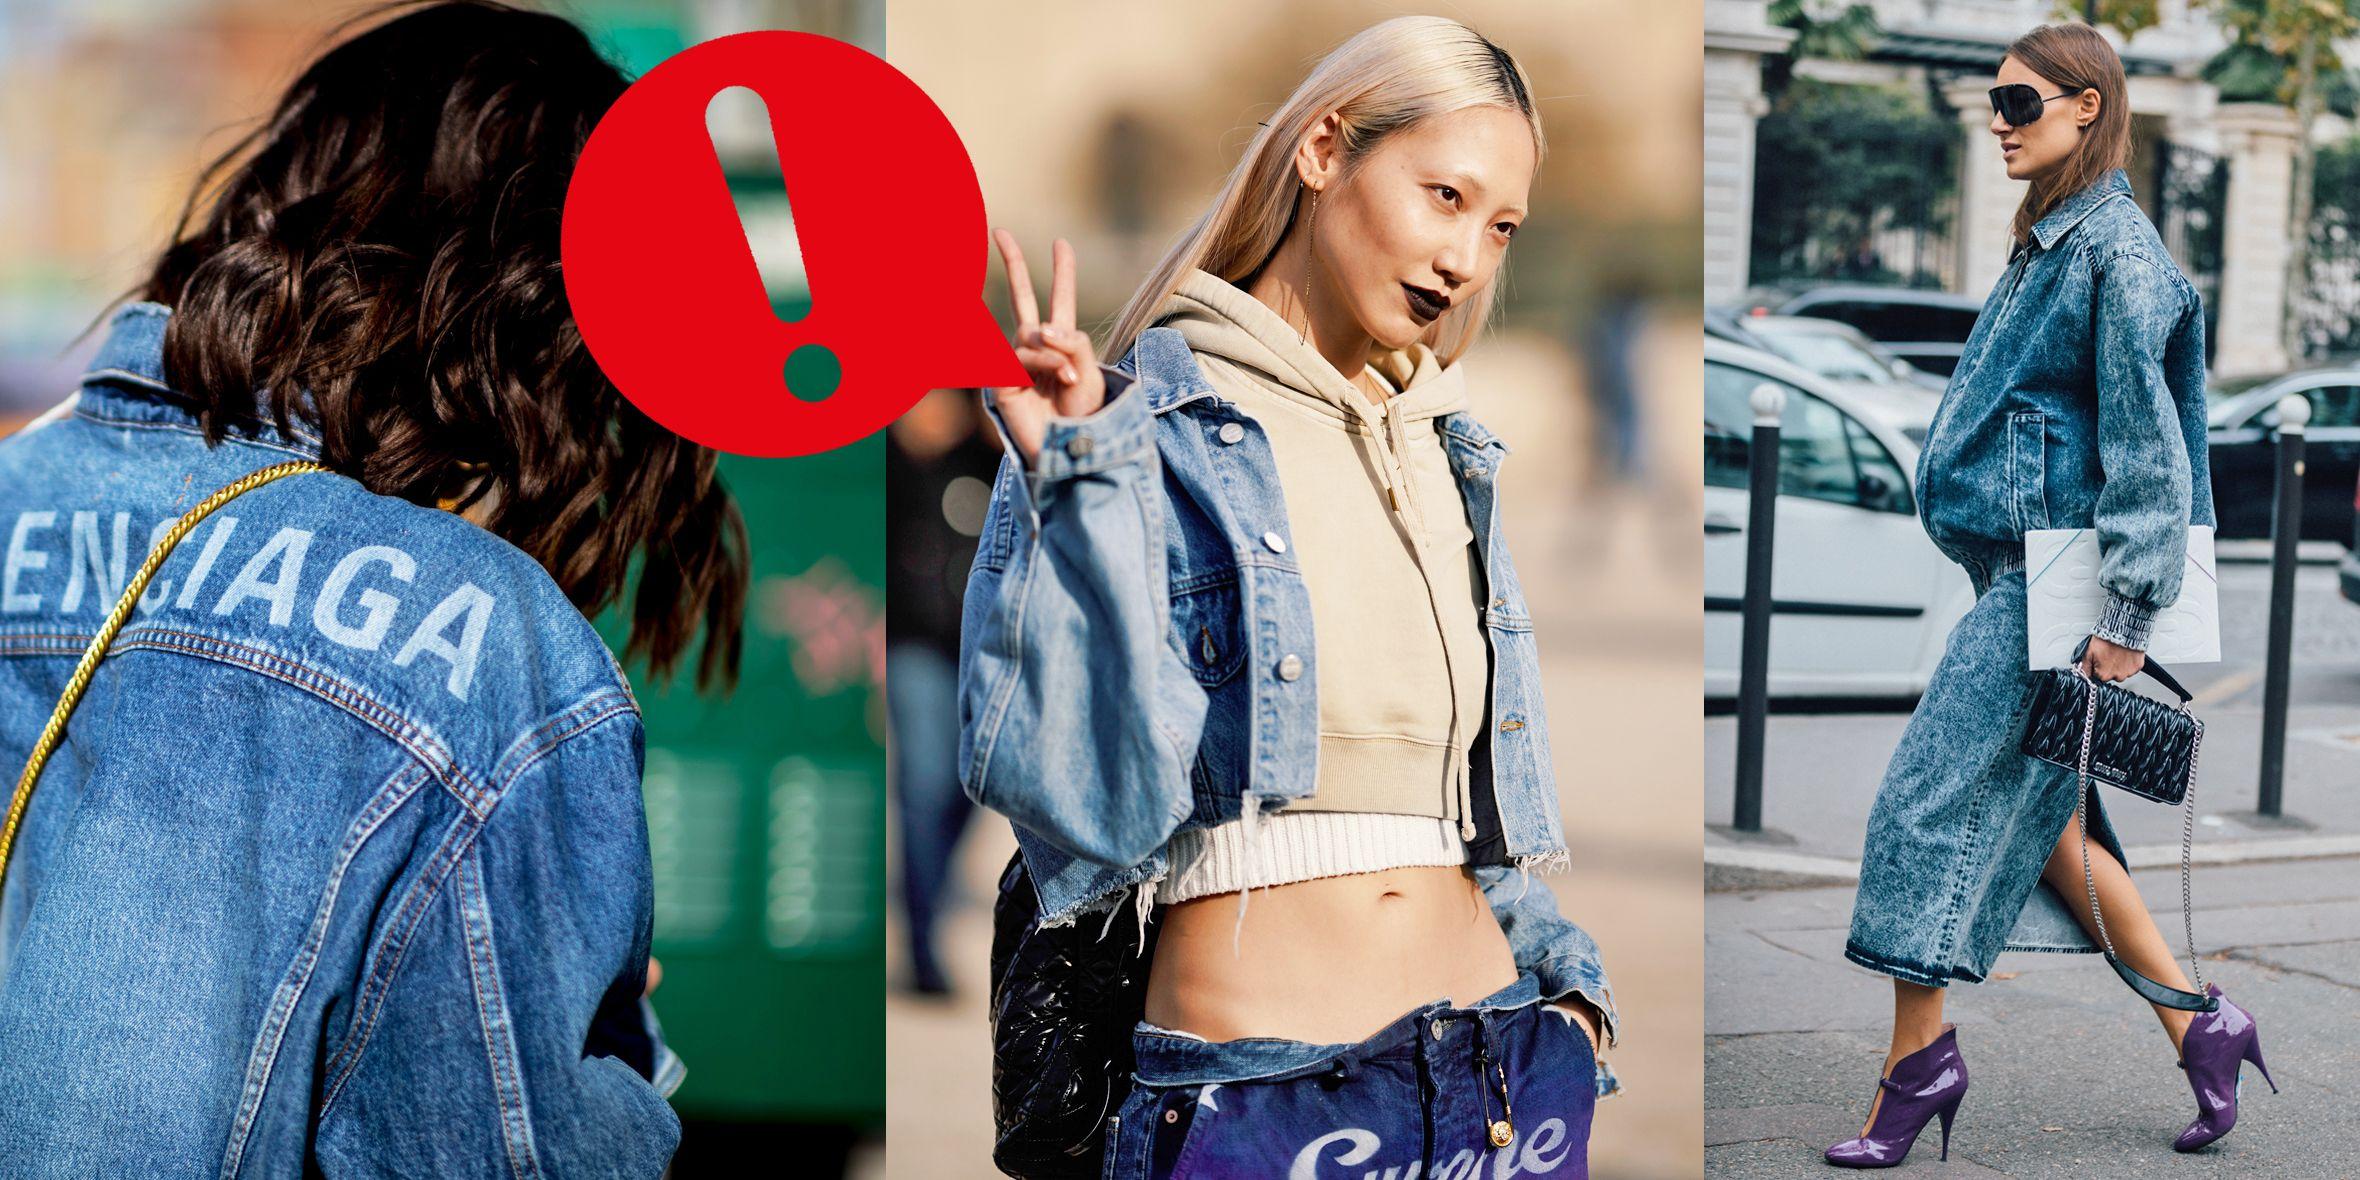 La giacca di jeans è la protagonista indiscussa della moda primavera estate  2019 e gli outfit